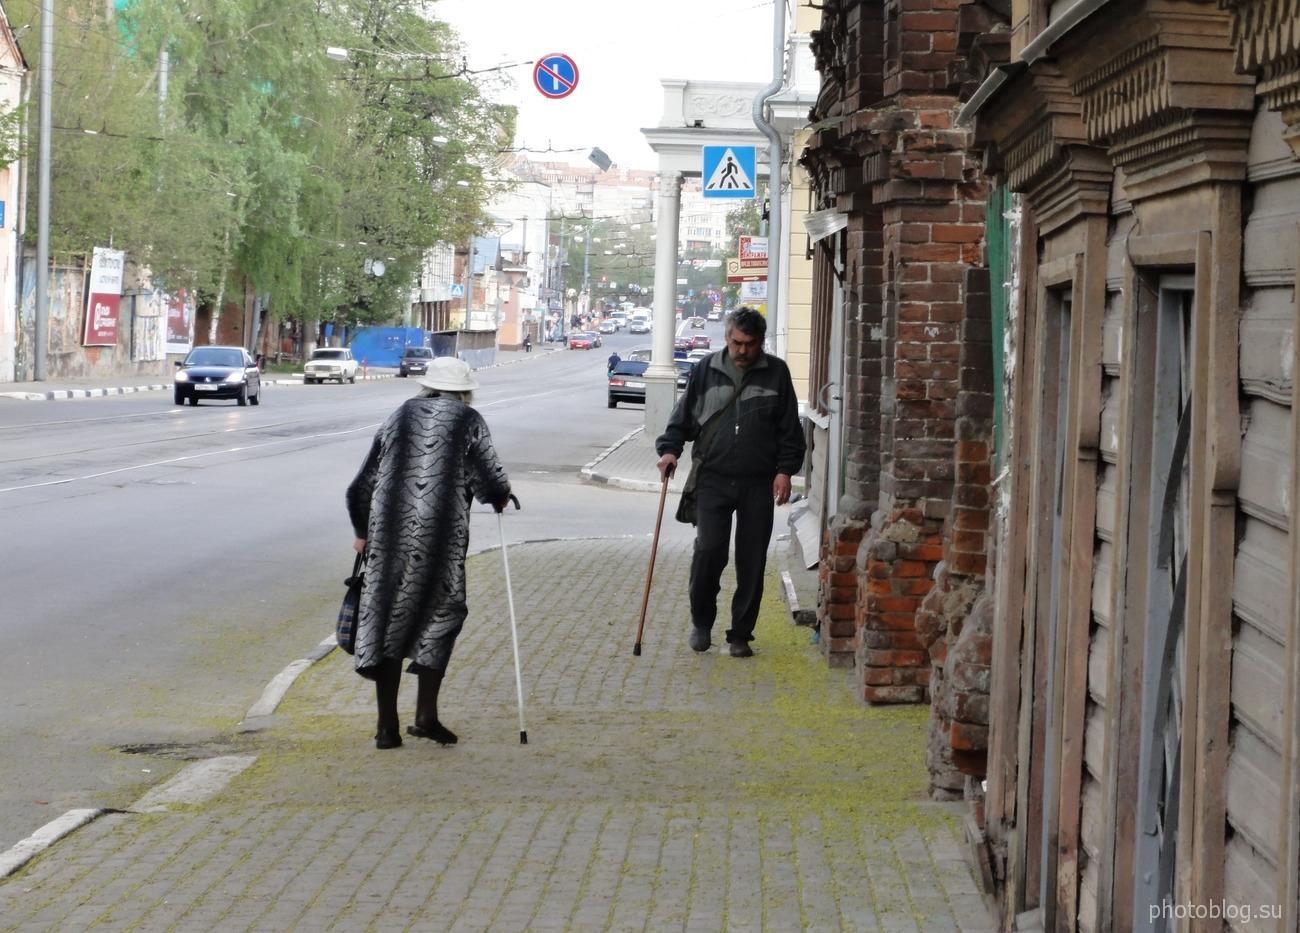 Старики с клюкой идут навстречу друг другу. На тихой улице